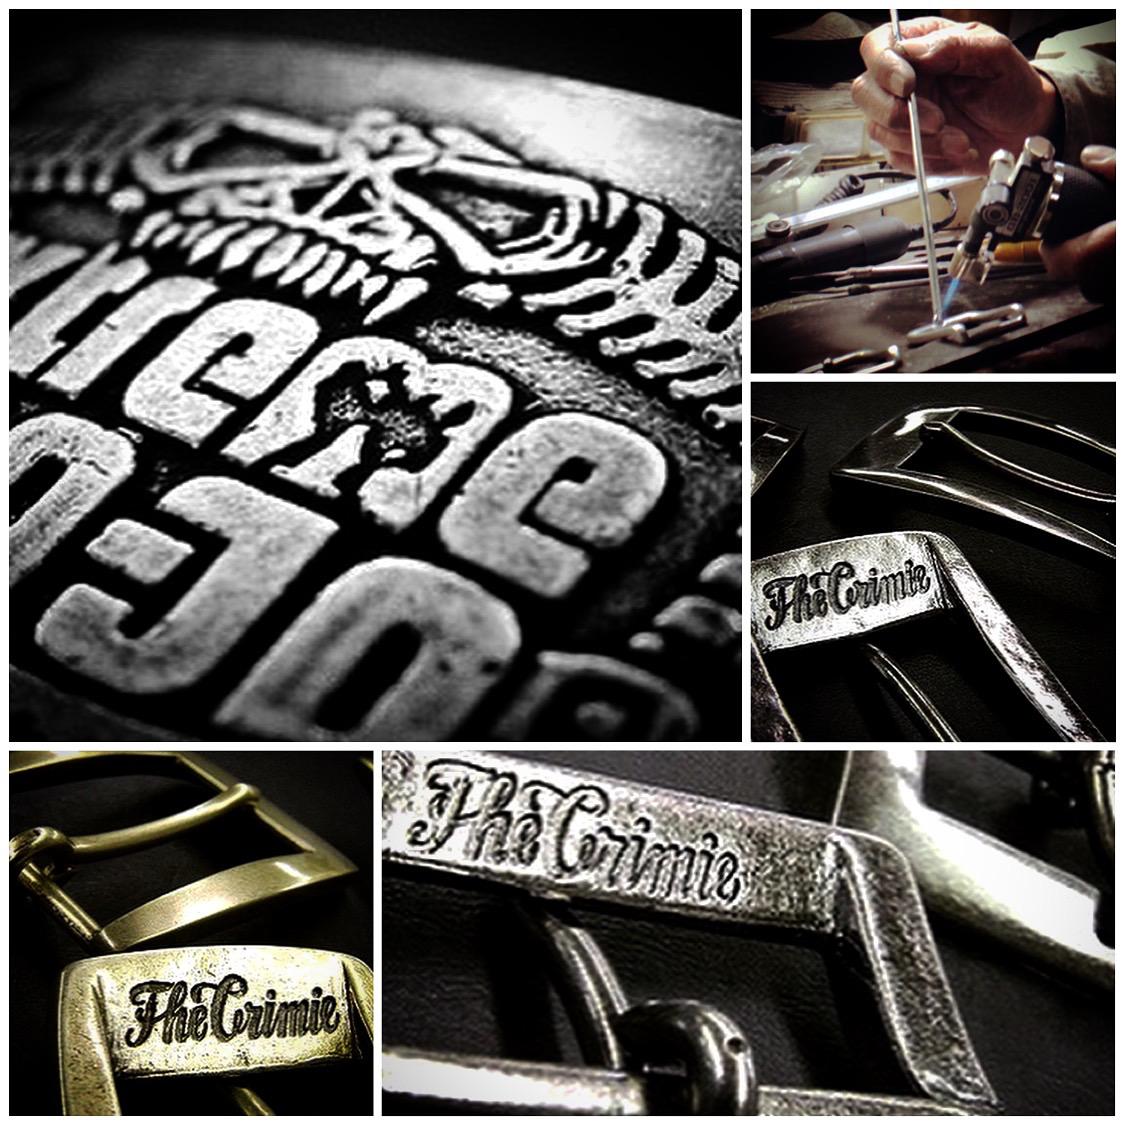 ベルトバックルのオーダーメイド。ロゴ、社名、名入れもオリジナルで製作。